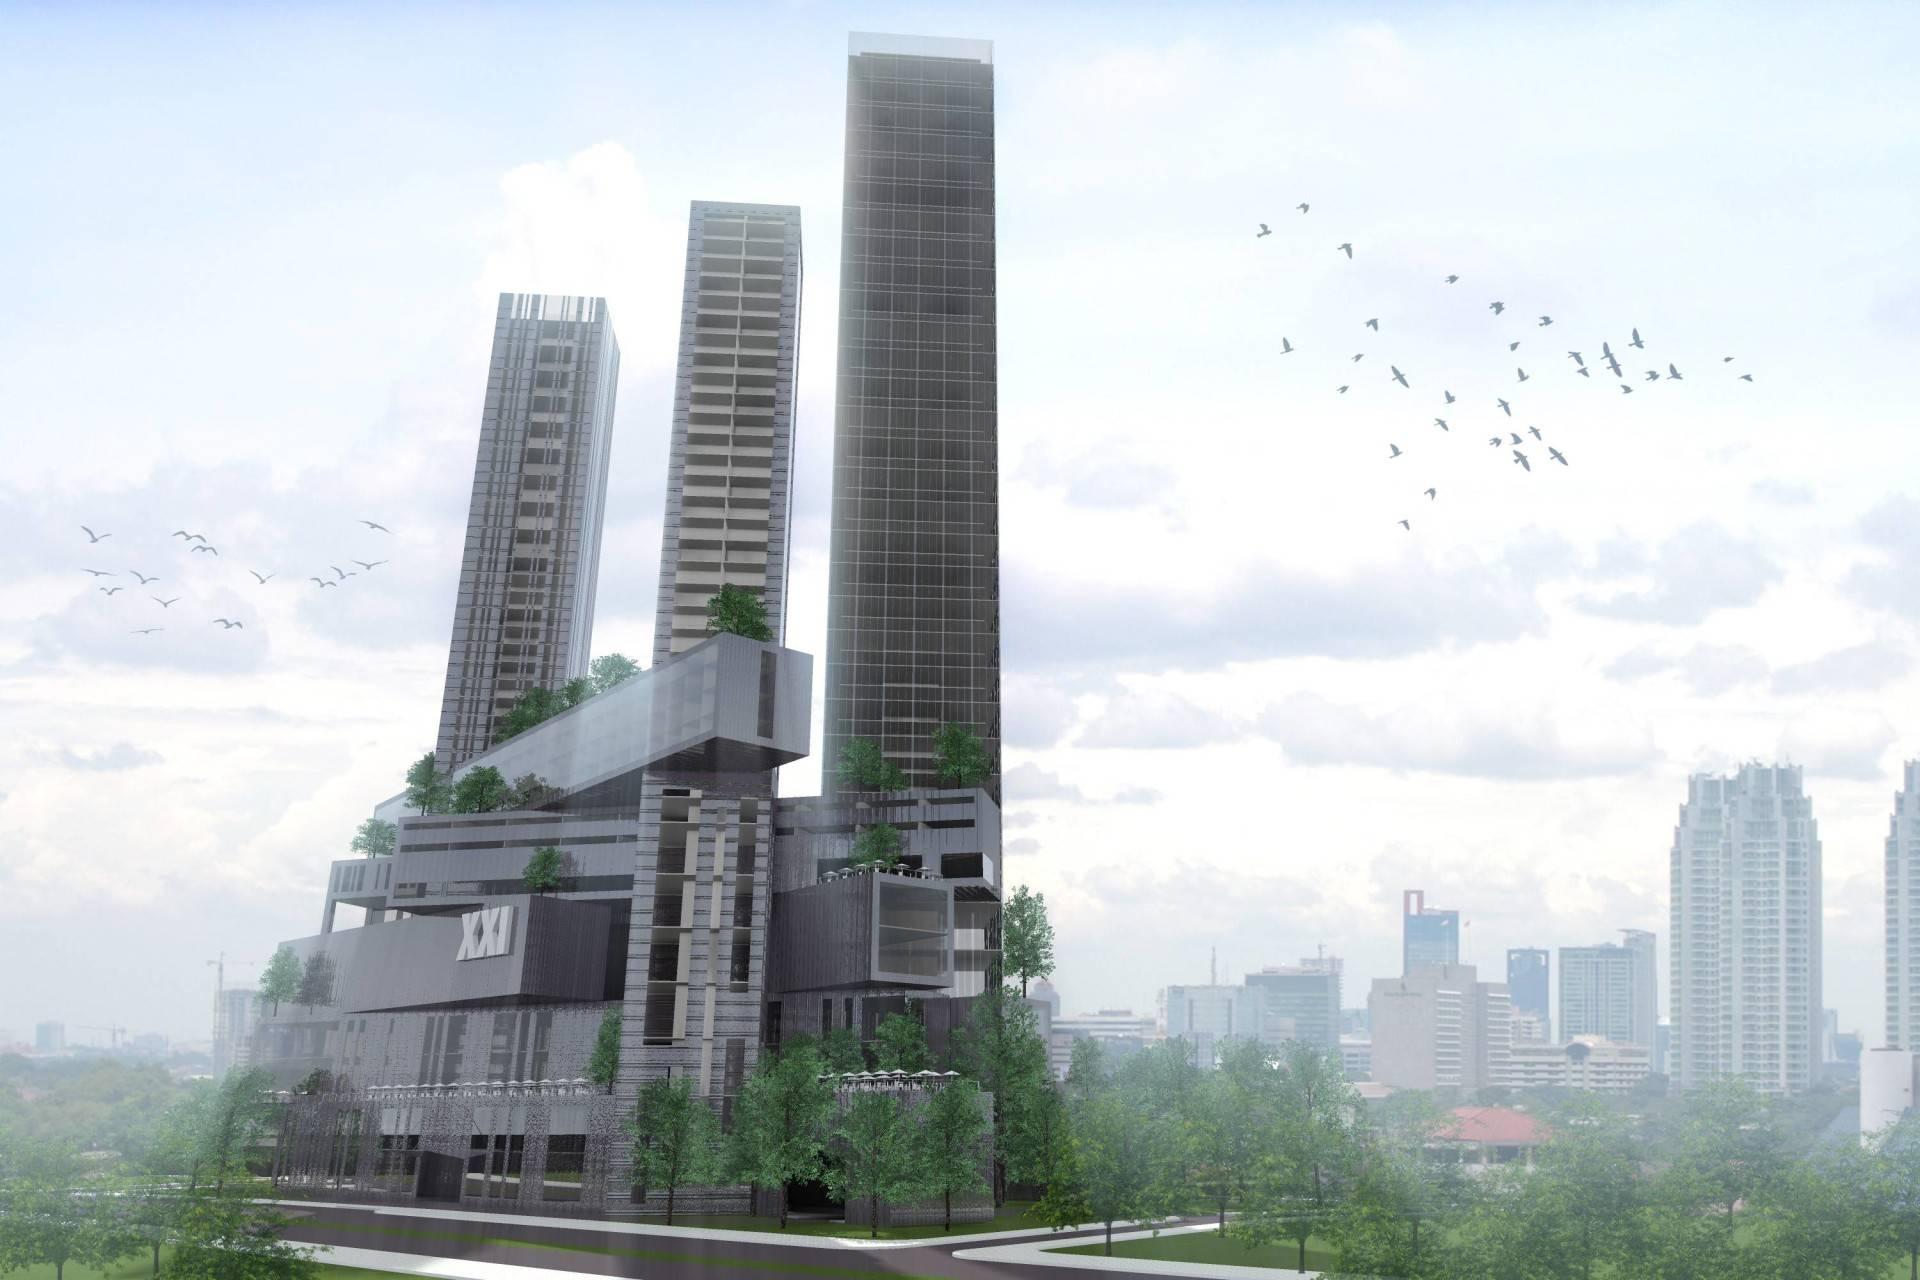 Monokroma Architect Platinum Condominium South Tangerang, Banten South Tangerang, Banten Facade Modern  6833